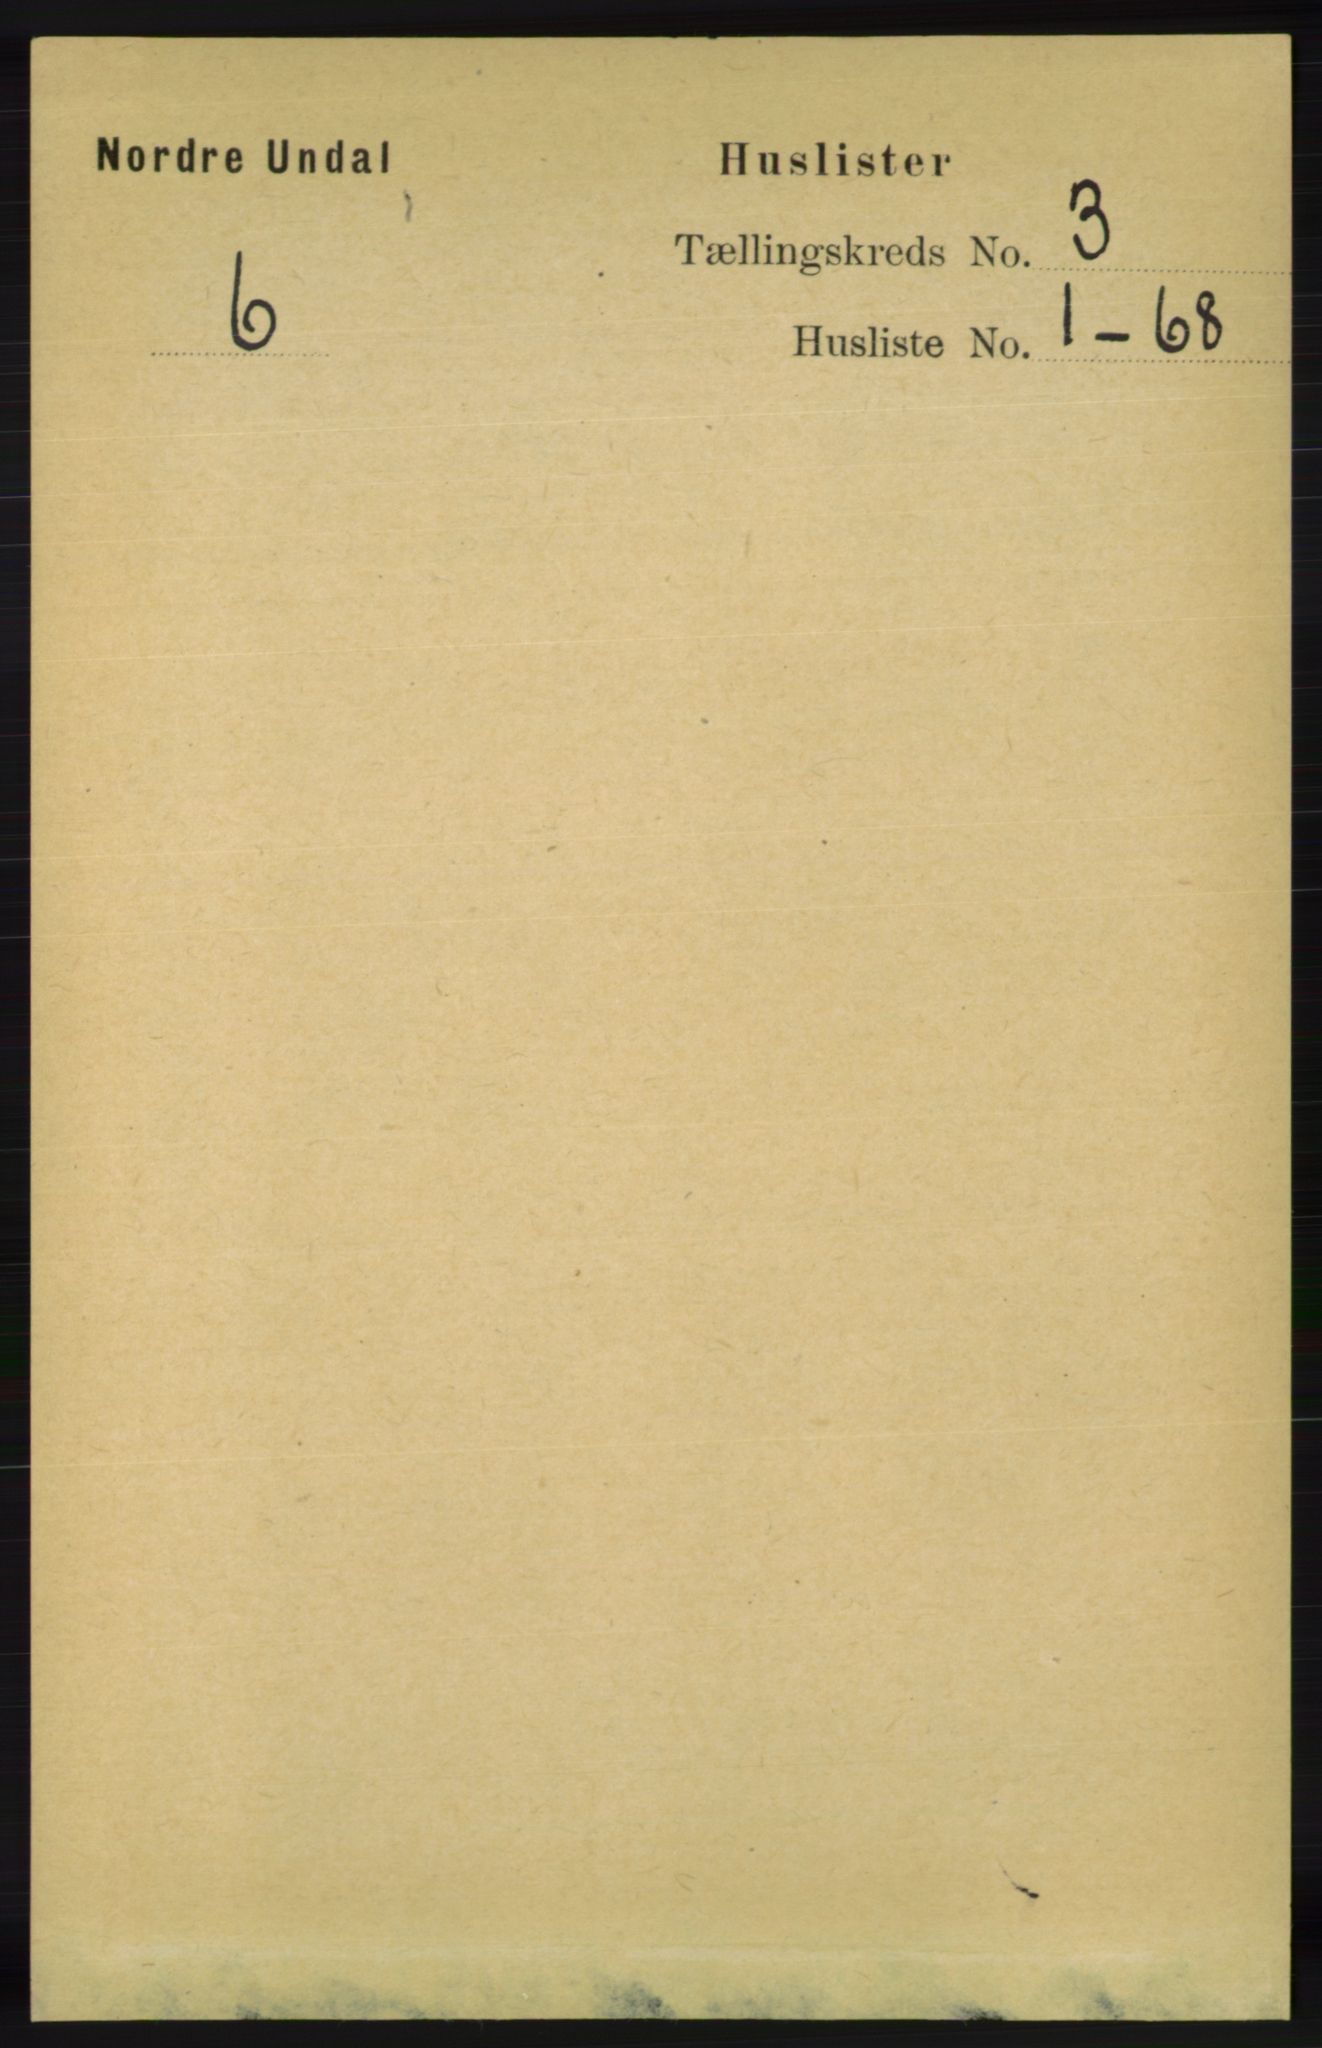 RA, Folketelling 1891 for 1028 Nord-Audnedal herred, 1891, s. 704